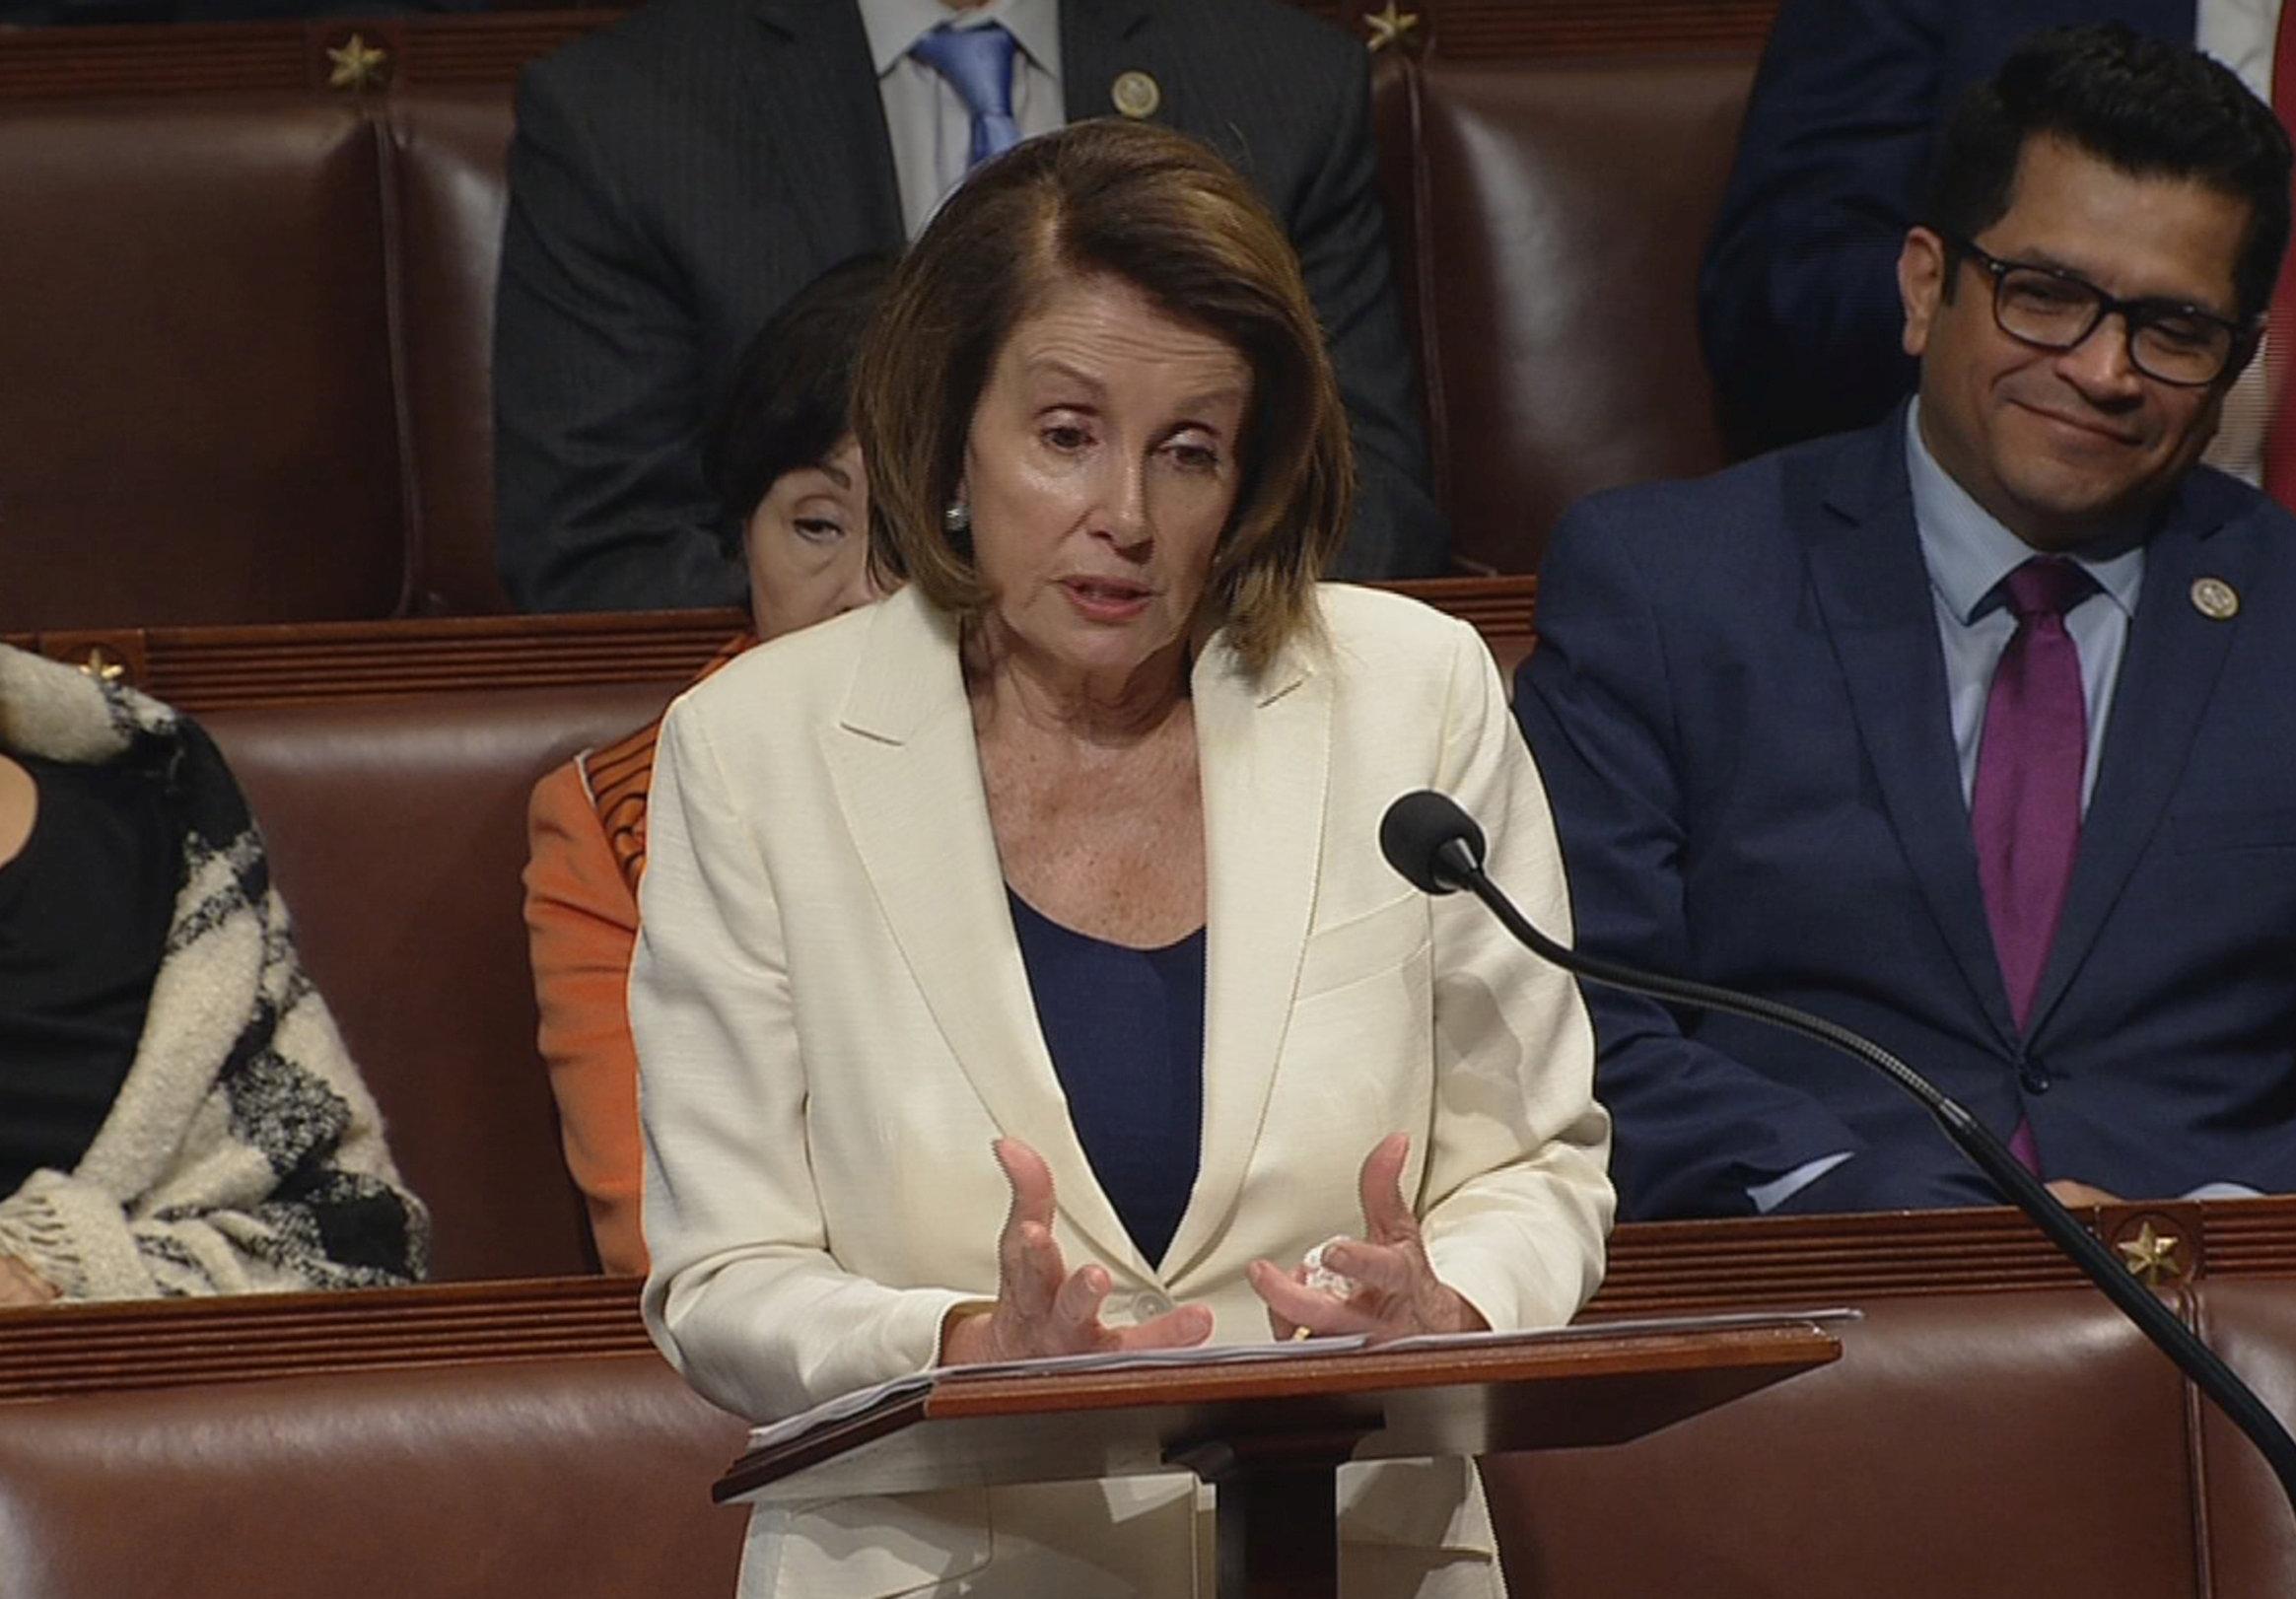 民主黨籍眾院少數黨領袖波洛西採用「費力把事拖」策略,拖延預算案表決。(路透)